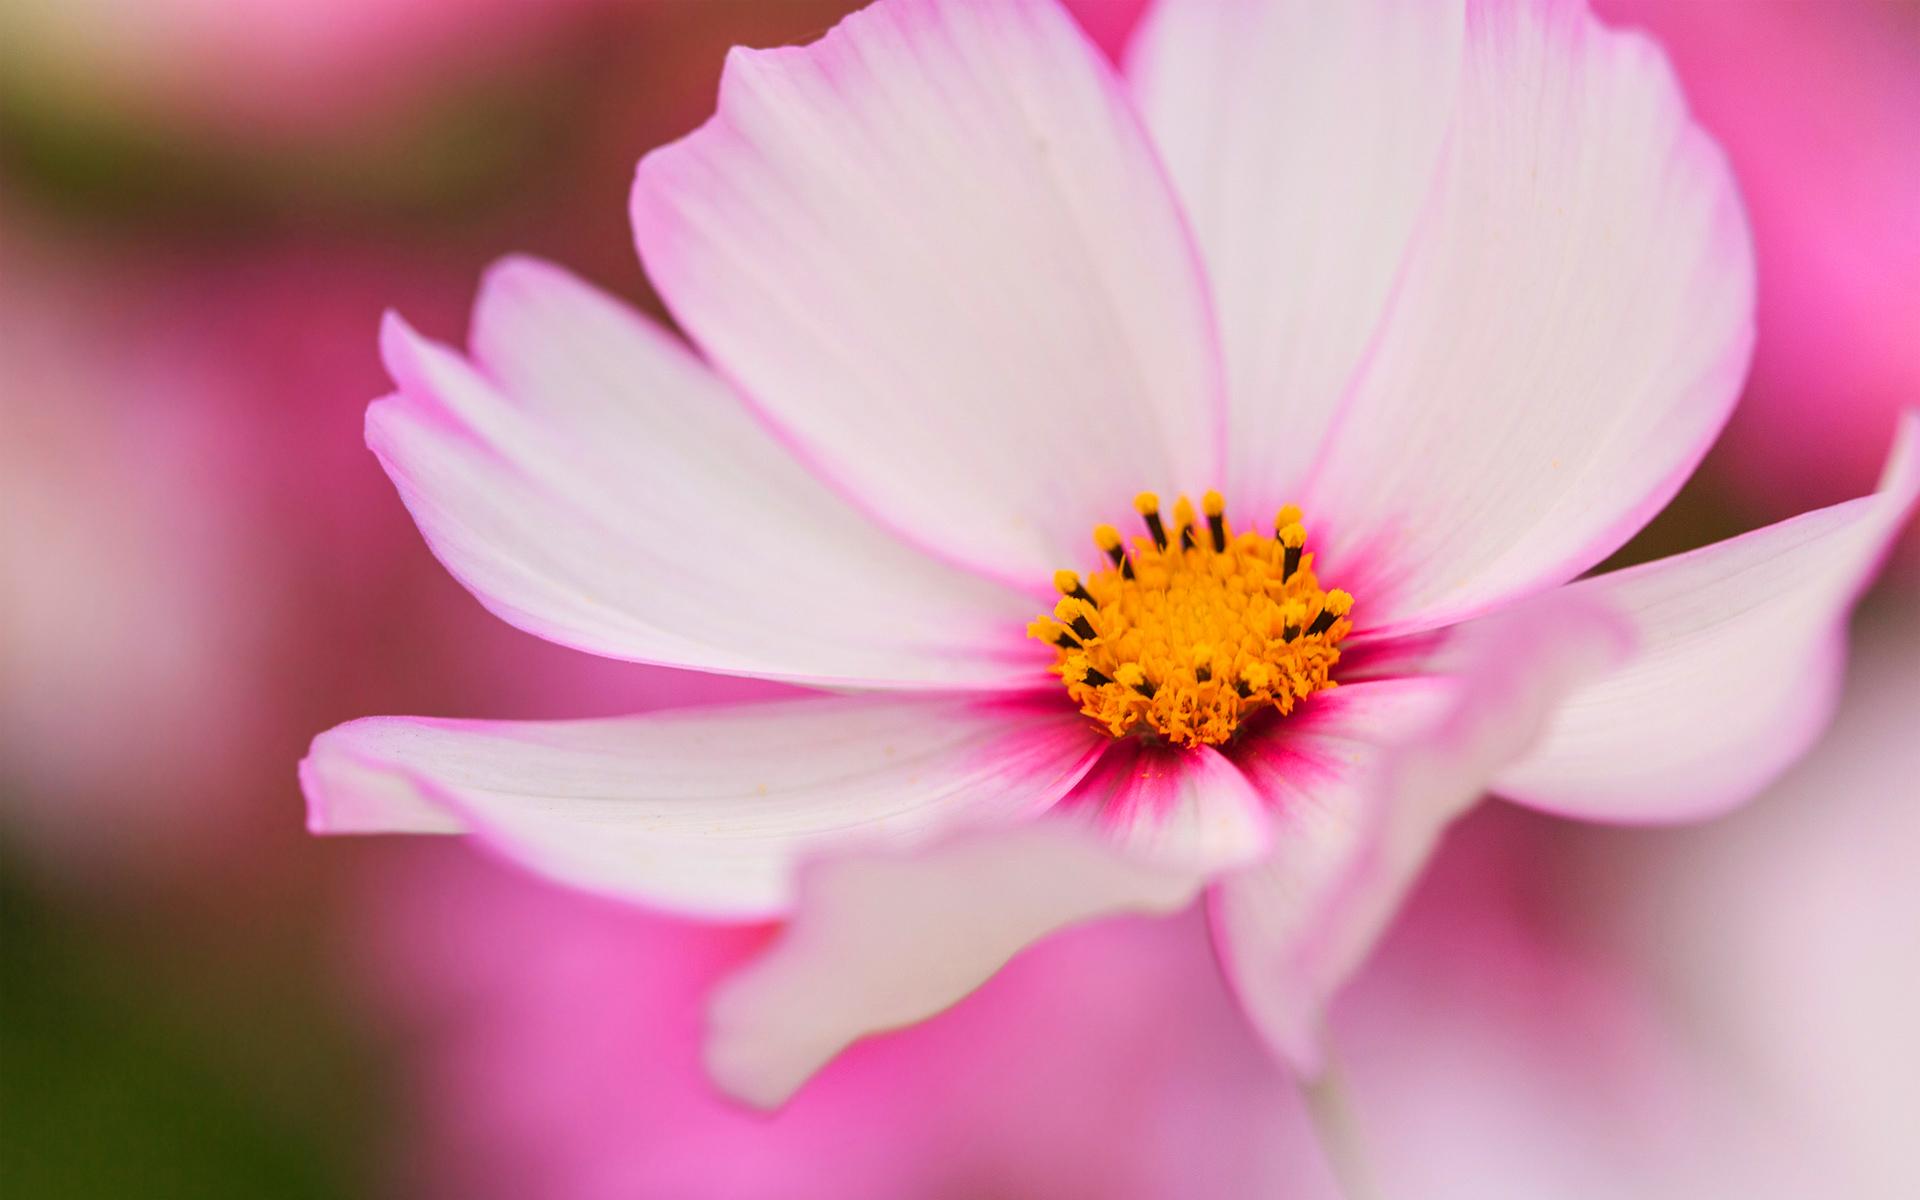 pink cosmea hd flower - HD Desktop Wallpapers | 4k HD